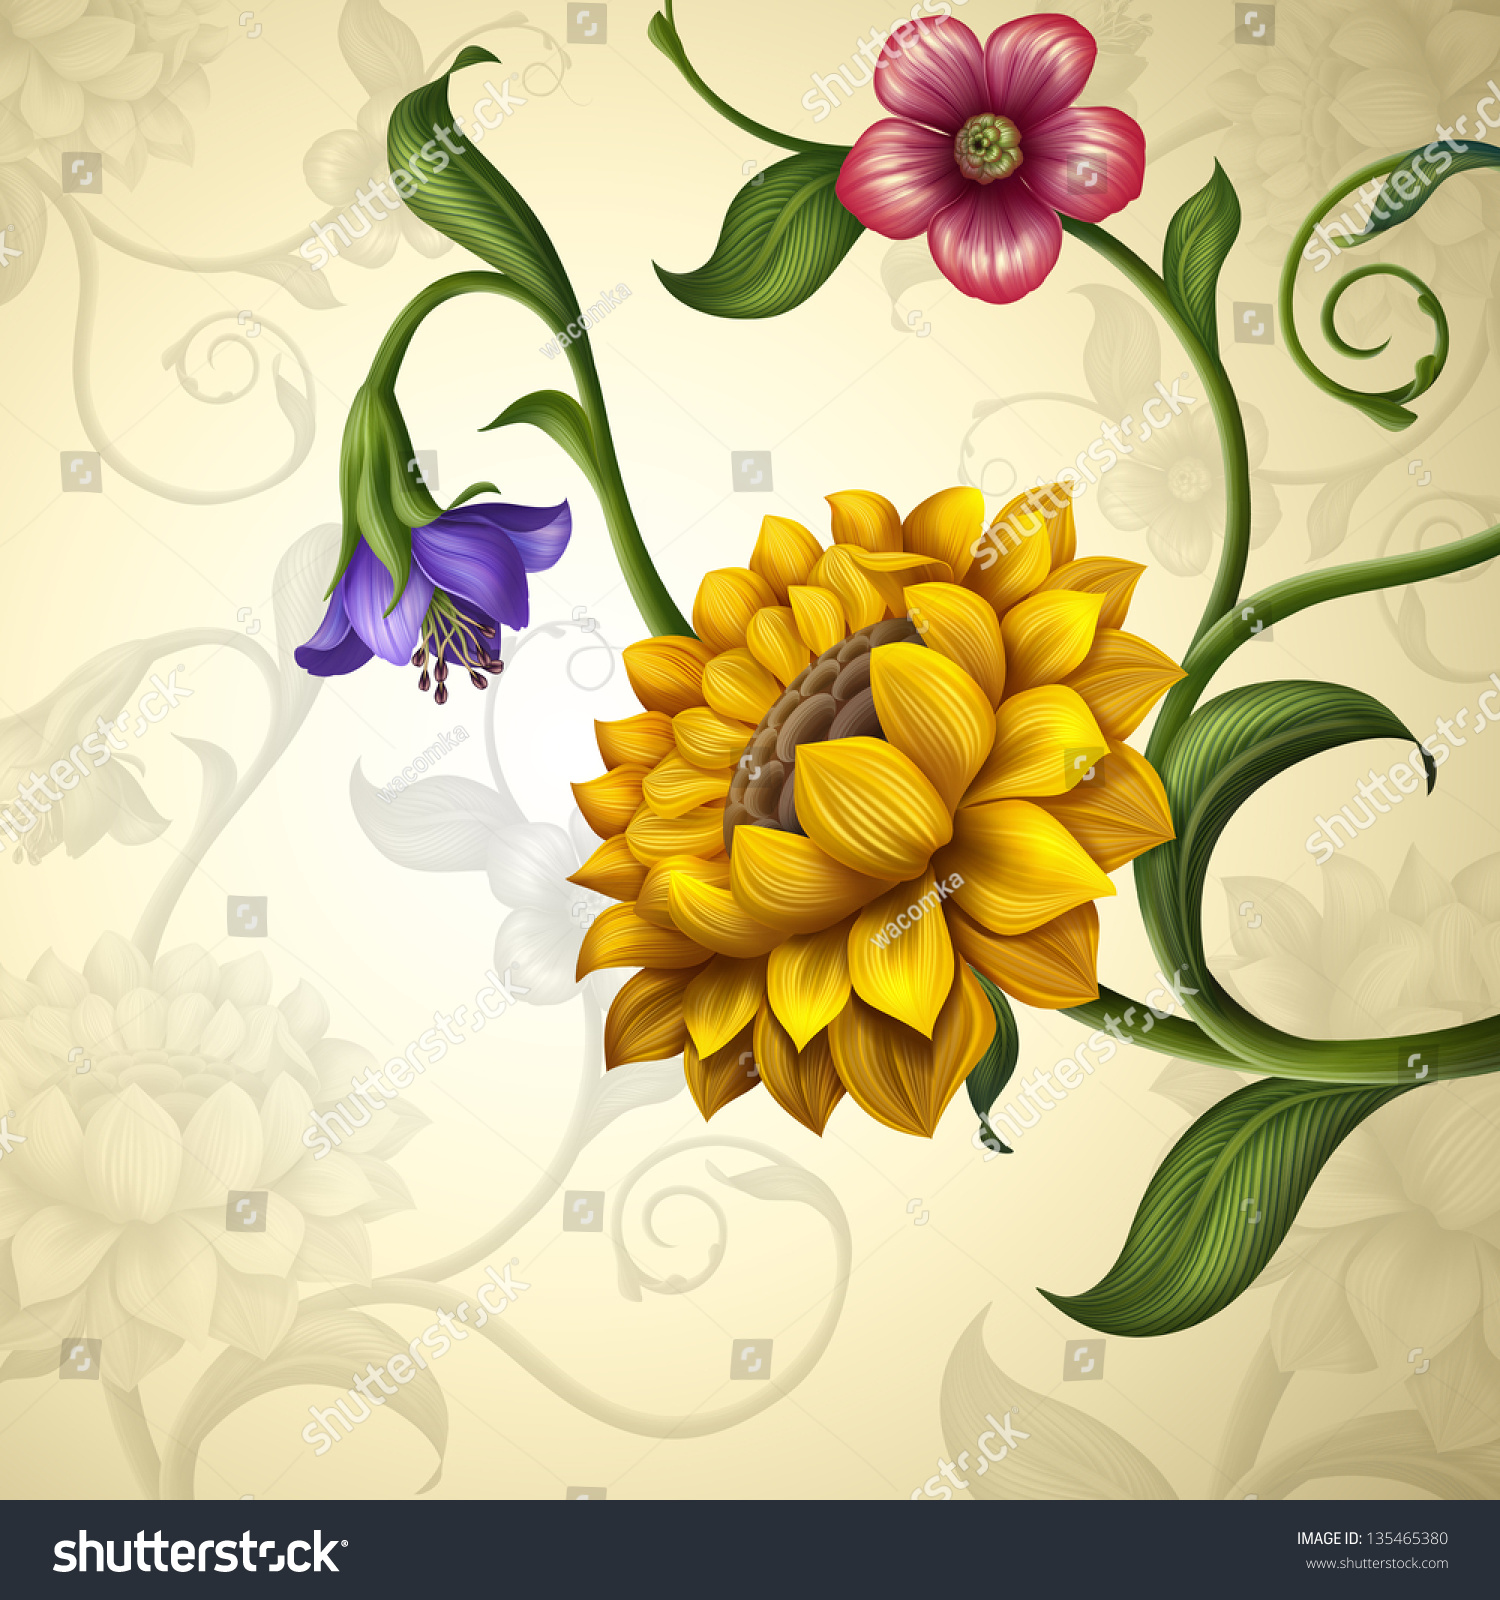 Vintage Fantasy Spring Summer Flowers Background Stock Illustration